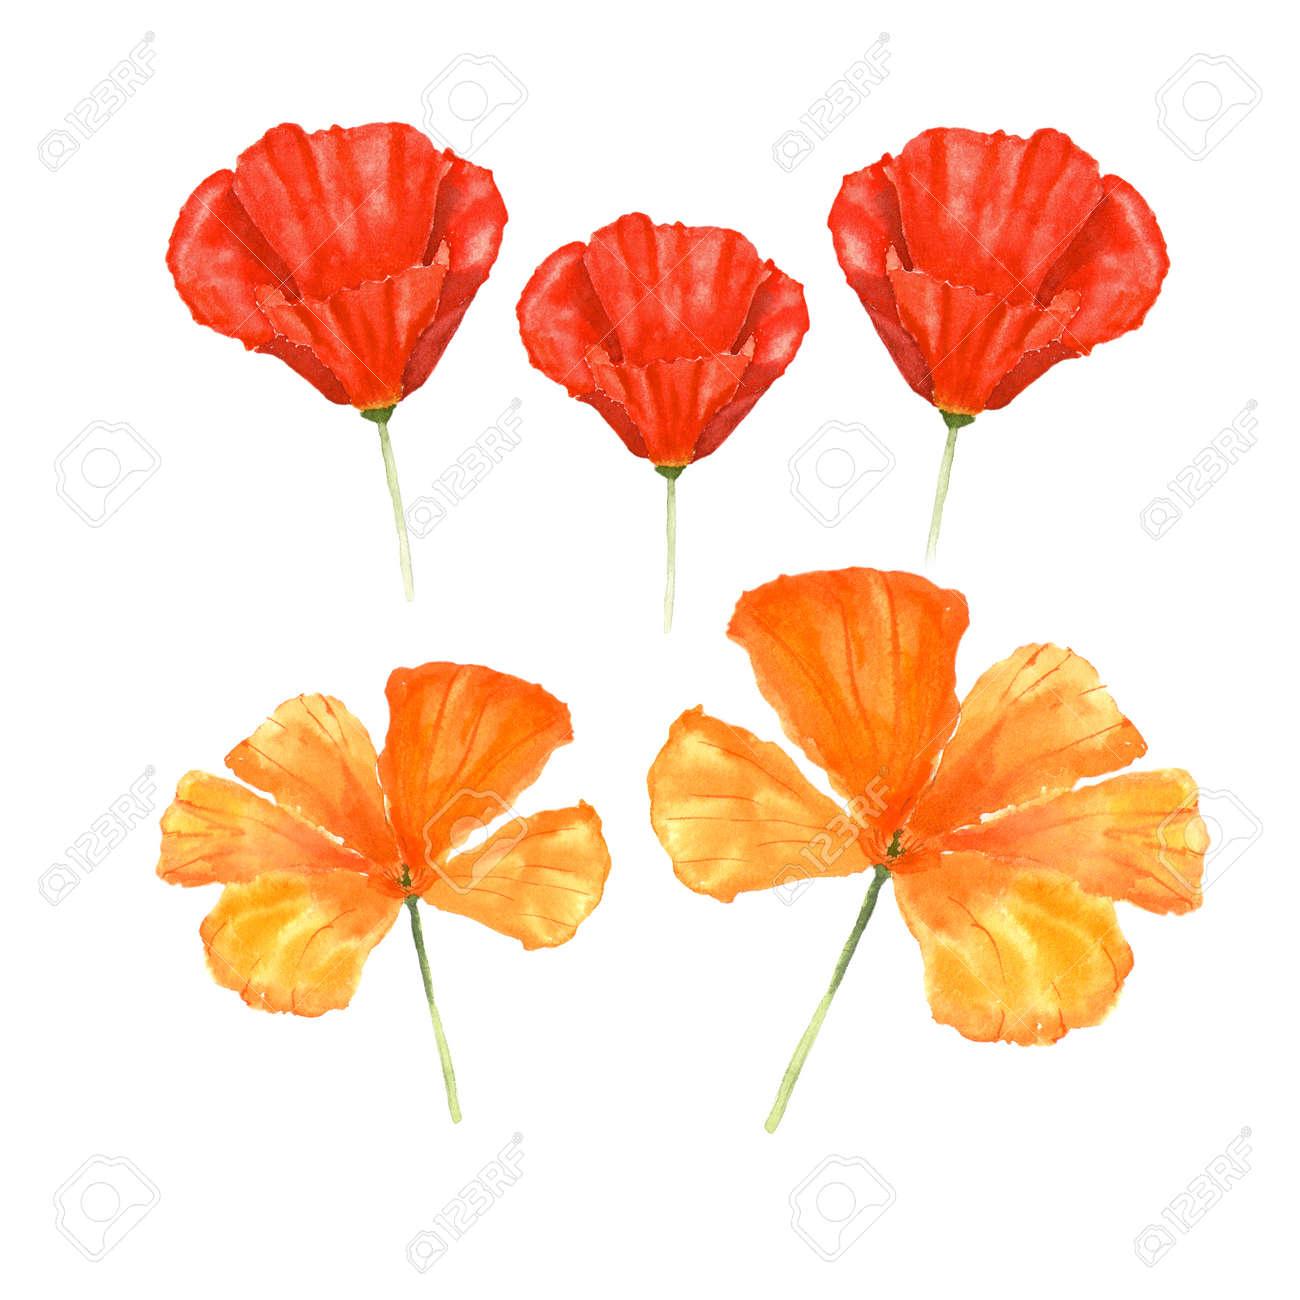 Watercolor botanical illustration of california poppy flowers illustration watercolor botanical illustration of california poppy flowers isolated on white background mightylinksfo